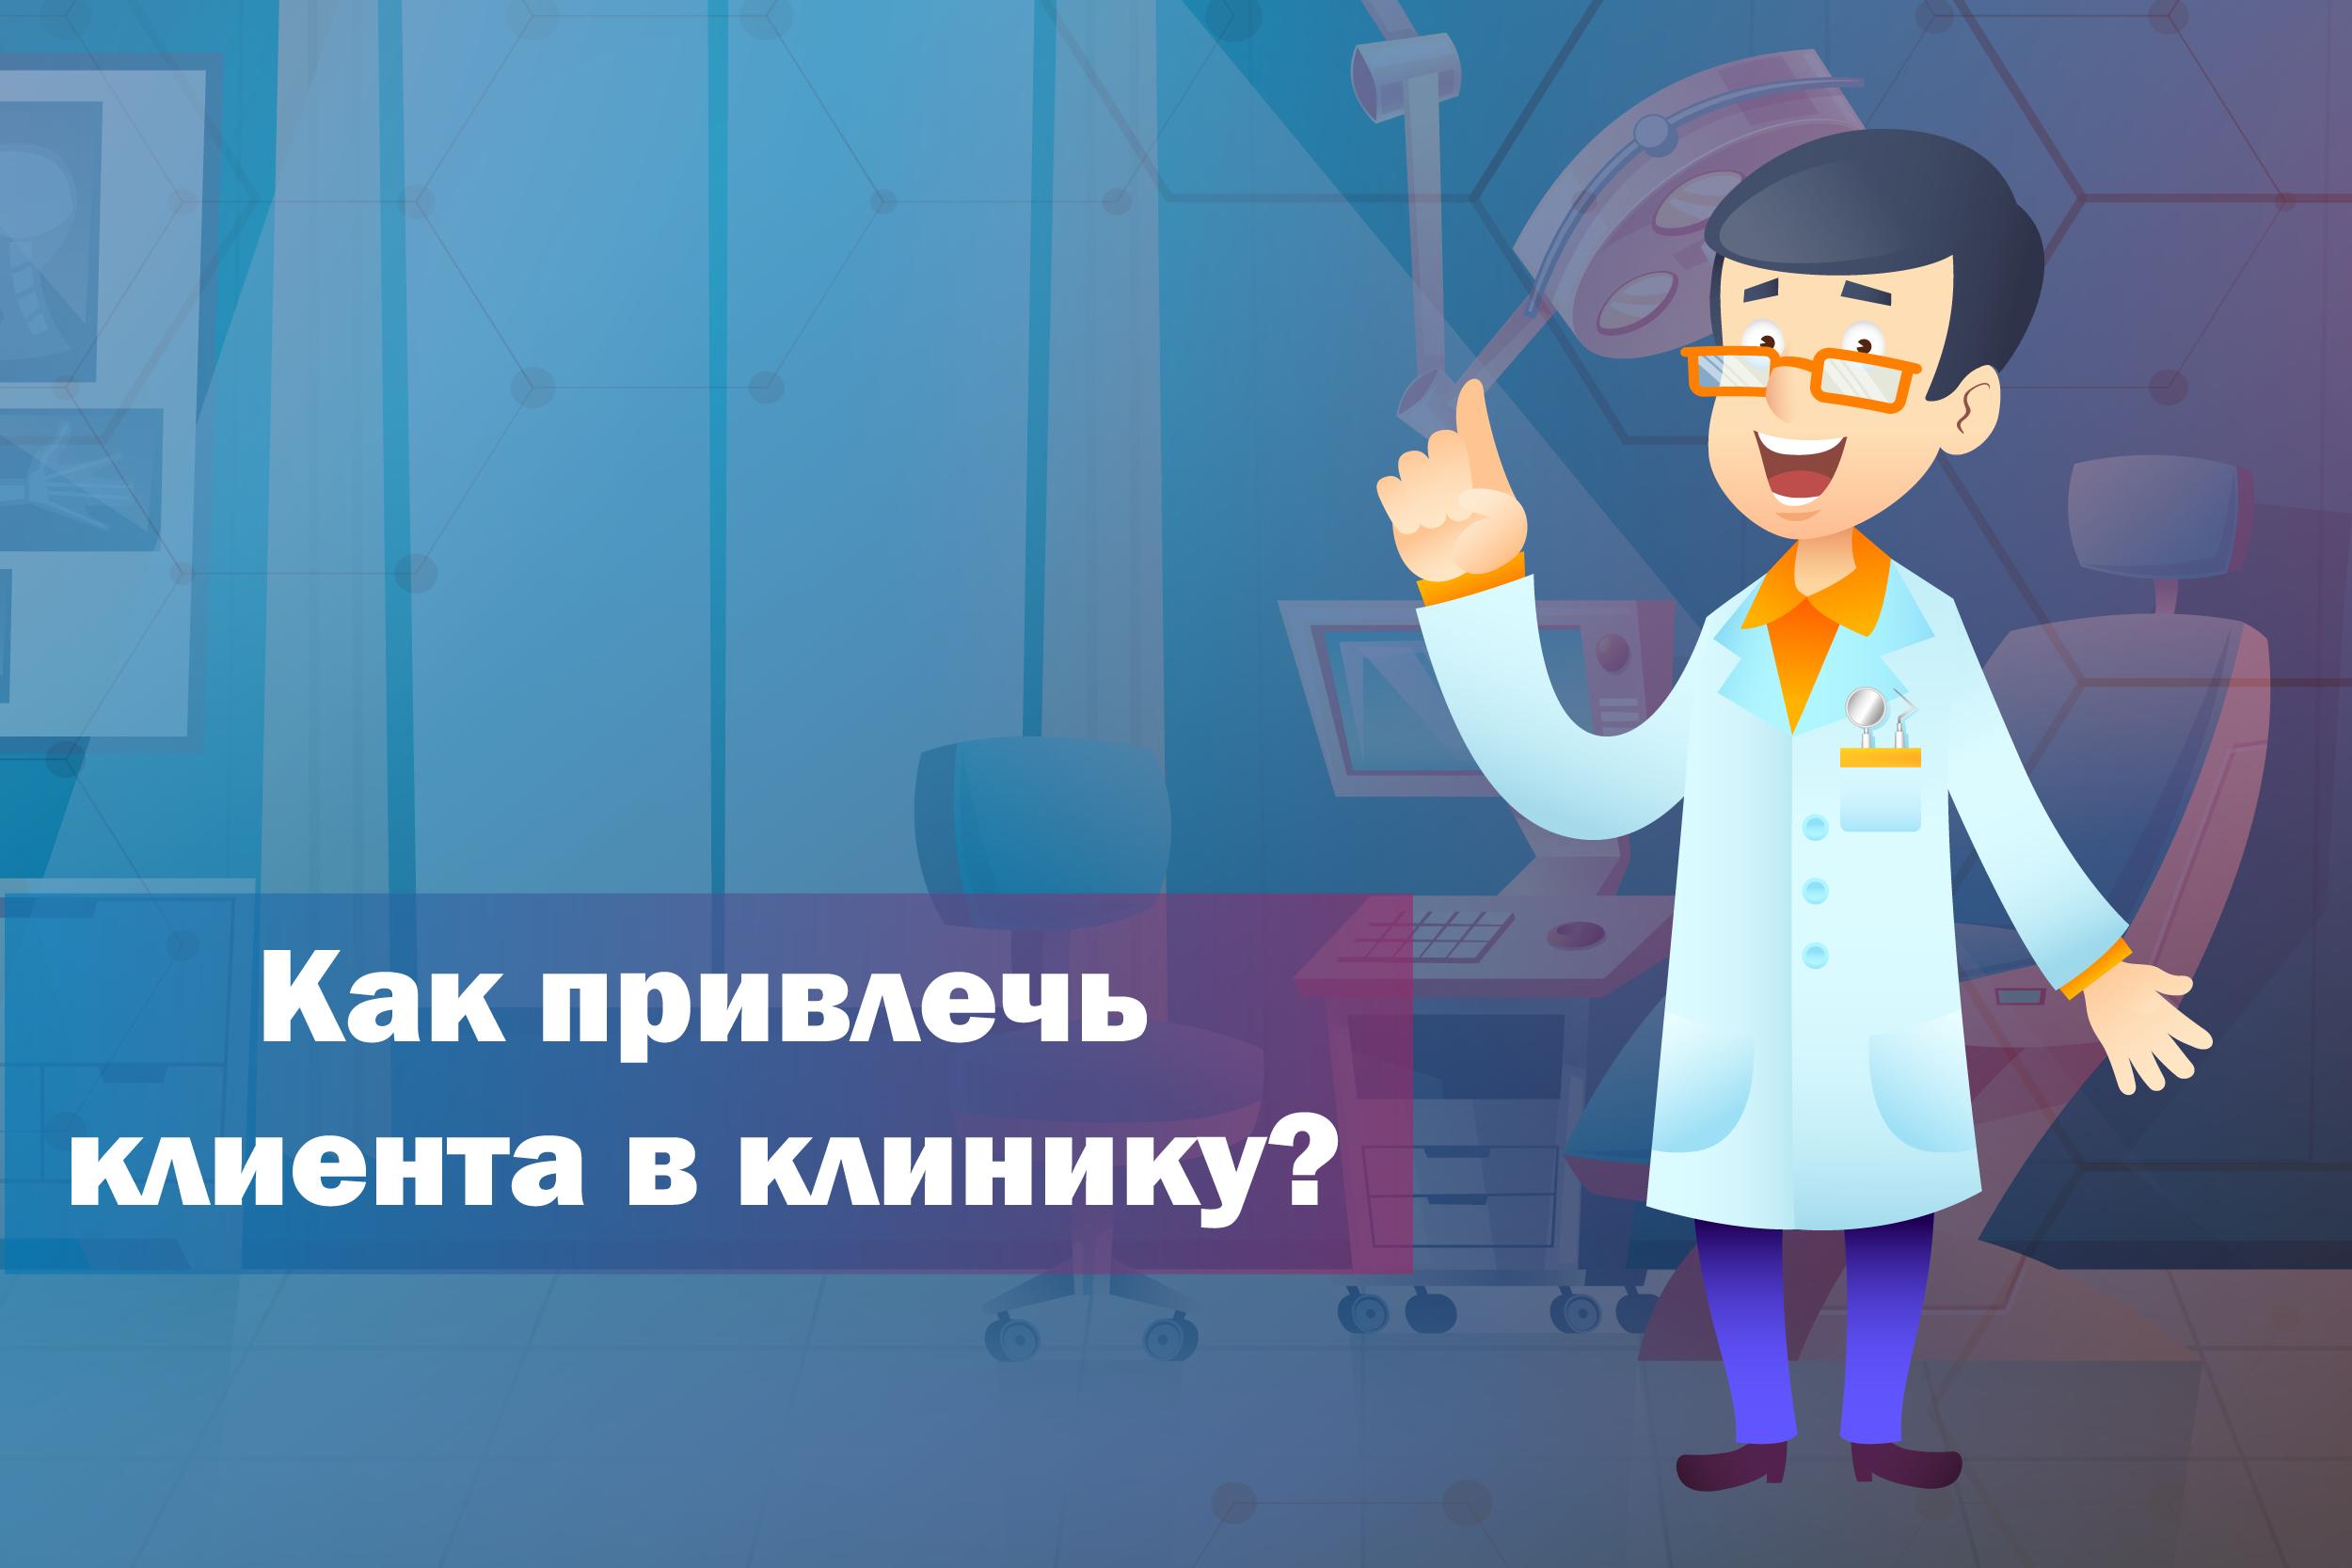 Как привлечь клиента в клинику?